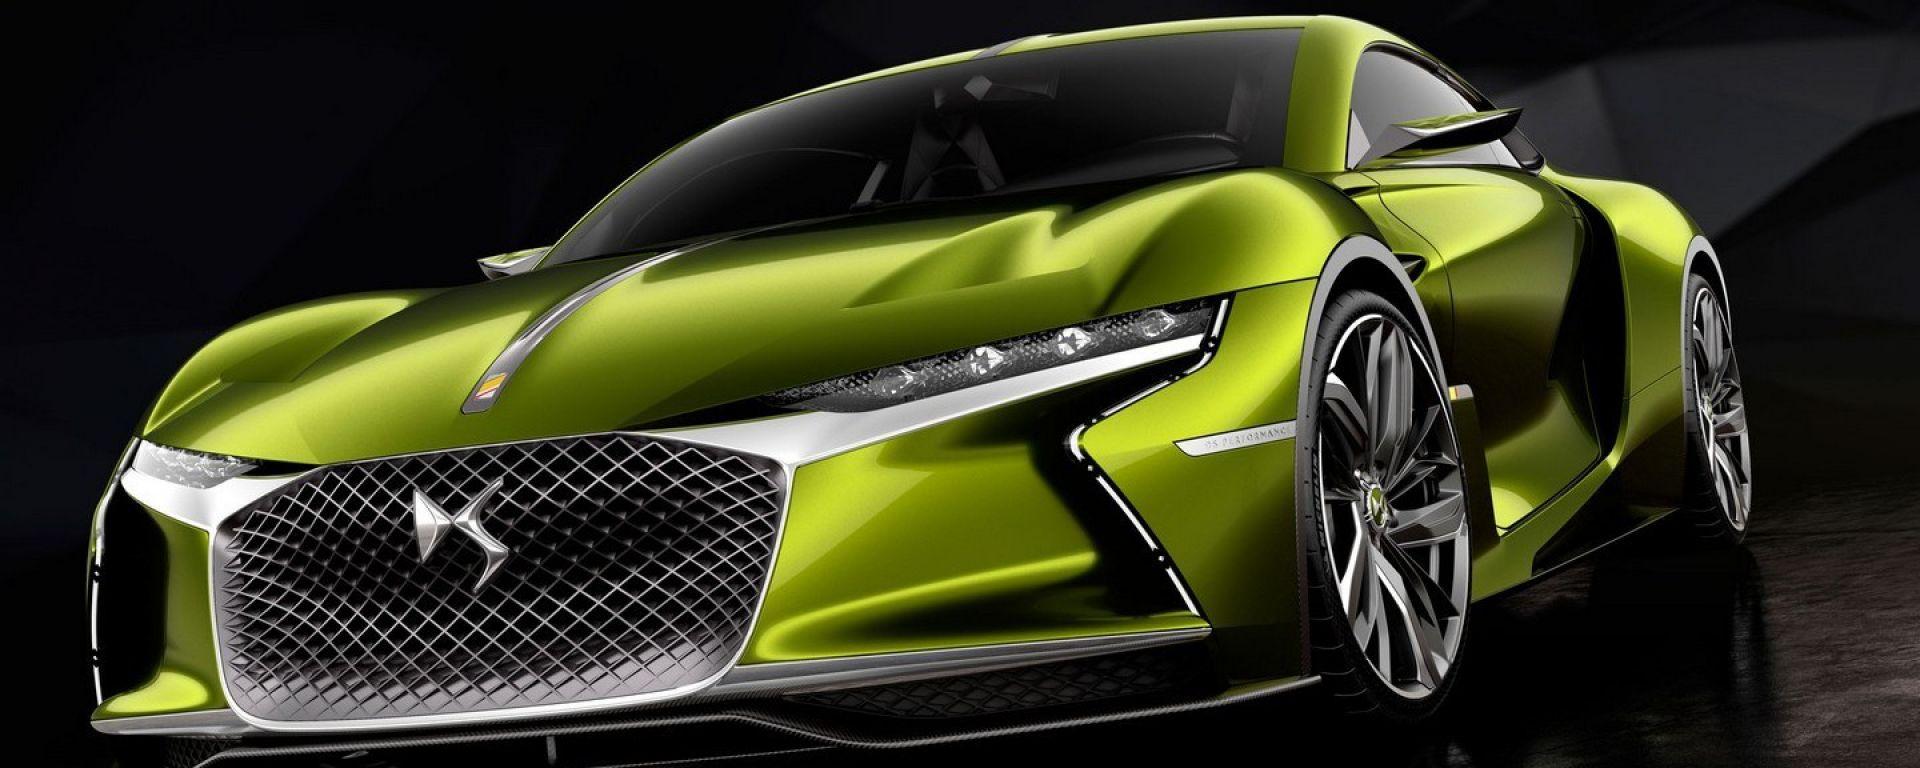 DS E-Tense concept, grand tourer elettrica del futuro